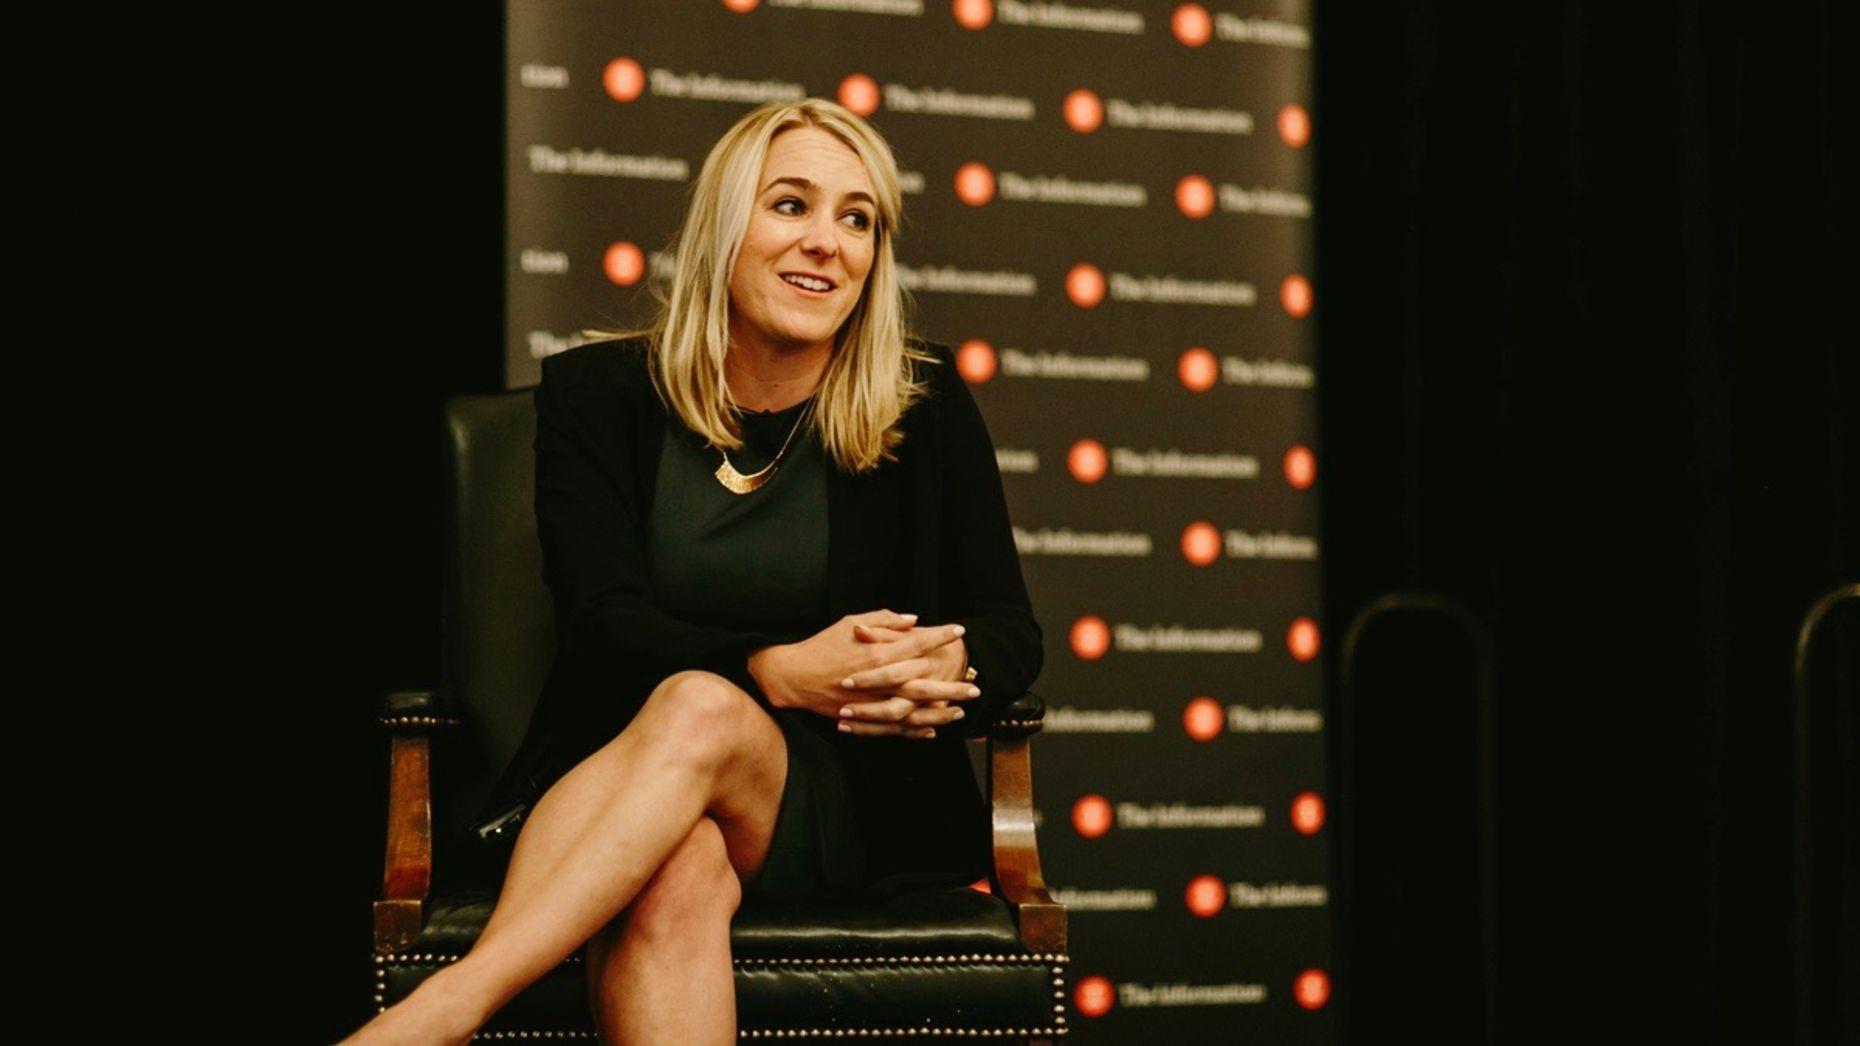 Slack VP of Product April Underwood, who oversees Slack's investment fund. Photo by Karen Obrist.